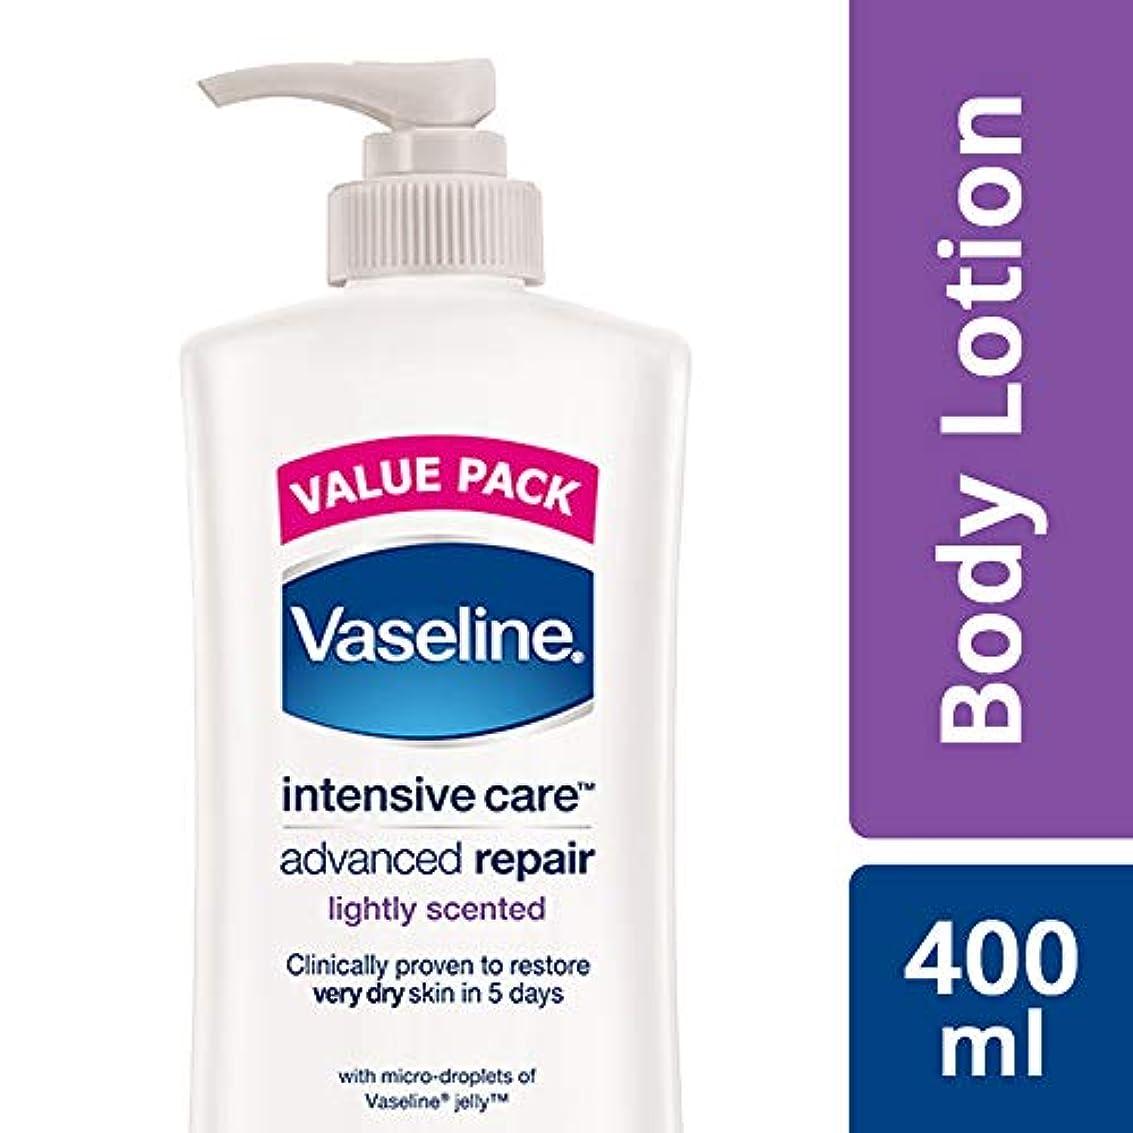 アクチュエータ慈善マカダムVaseline Intensive Care Advanced Repair Body Lotion, 400 ml